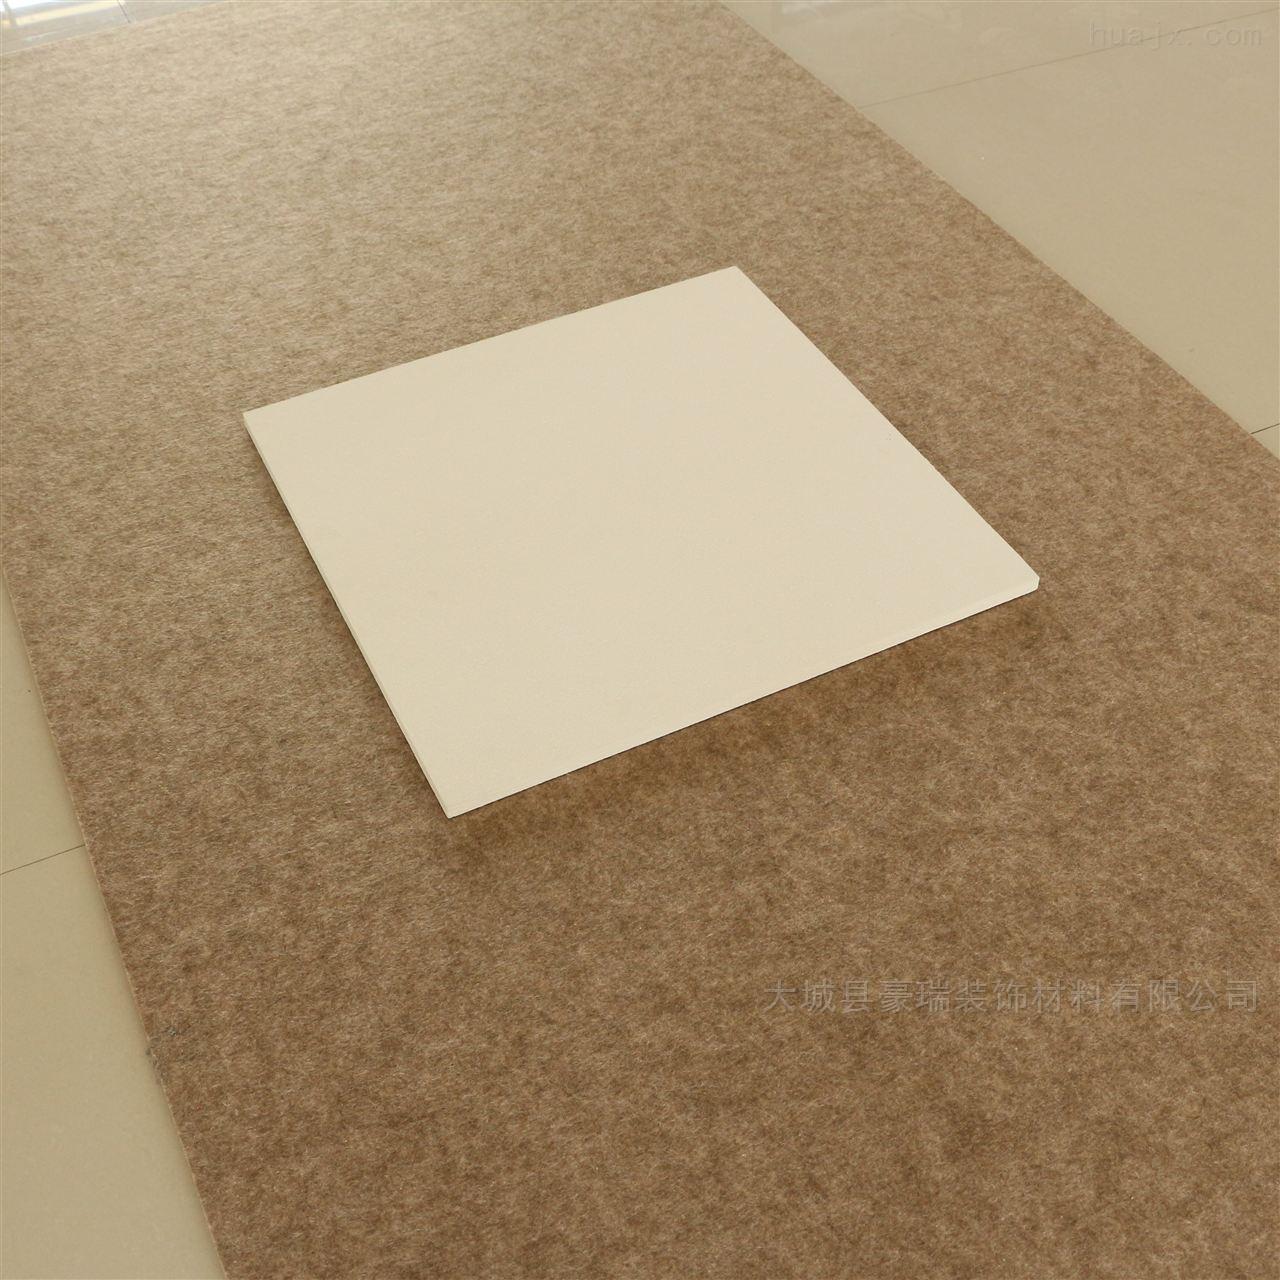 永州音乐厅岩棉装饰吸声板优点经济实惠